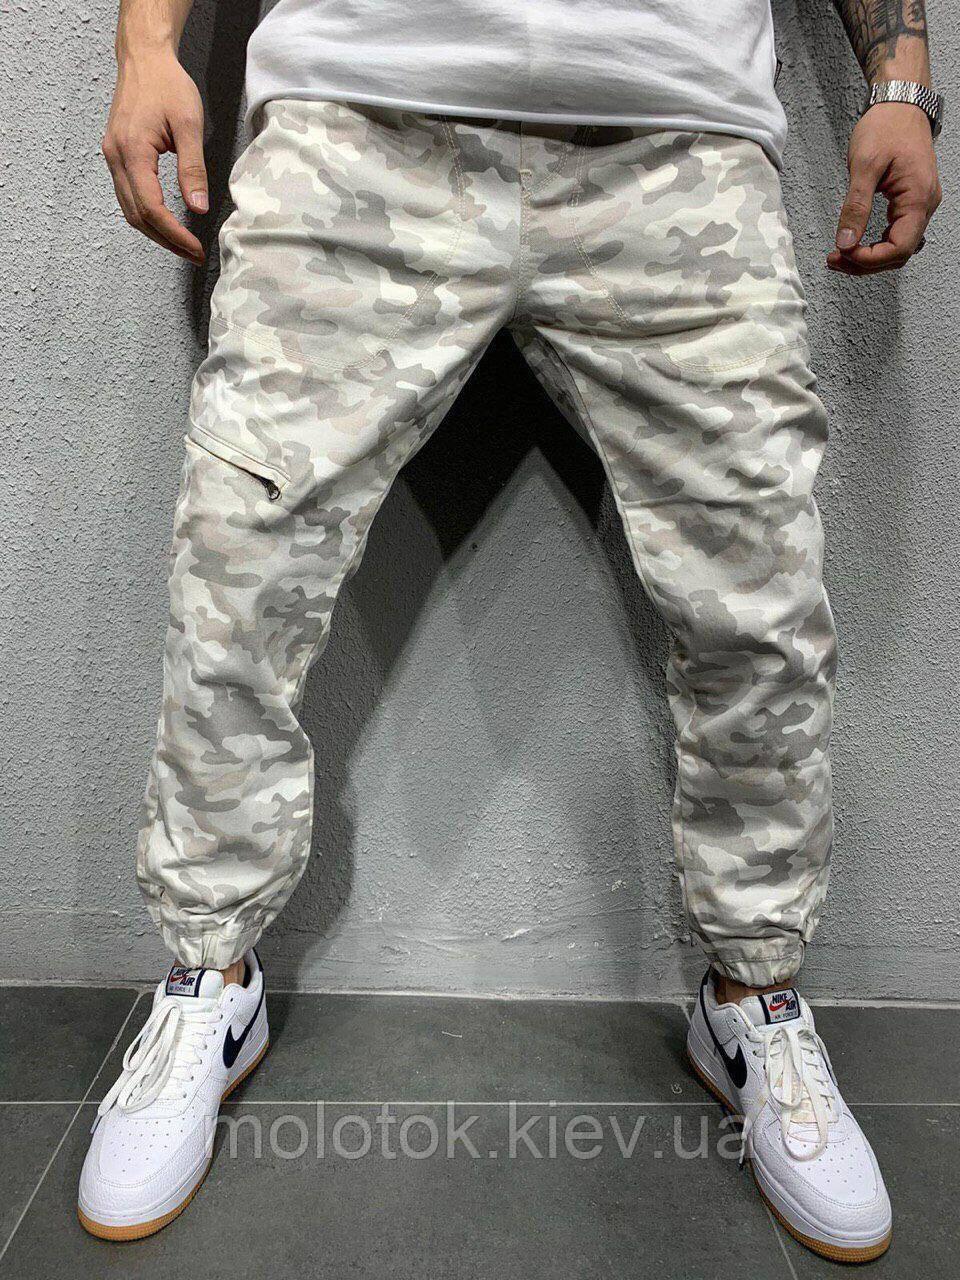 Мужские штаны демисезонные камуфляжные светлые